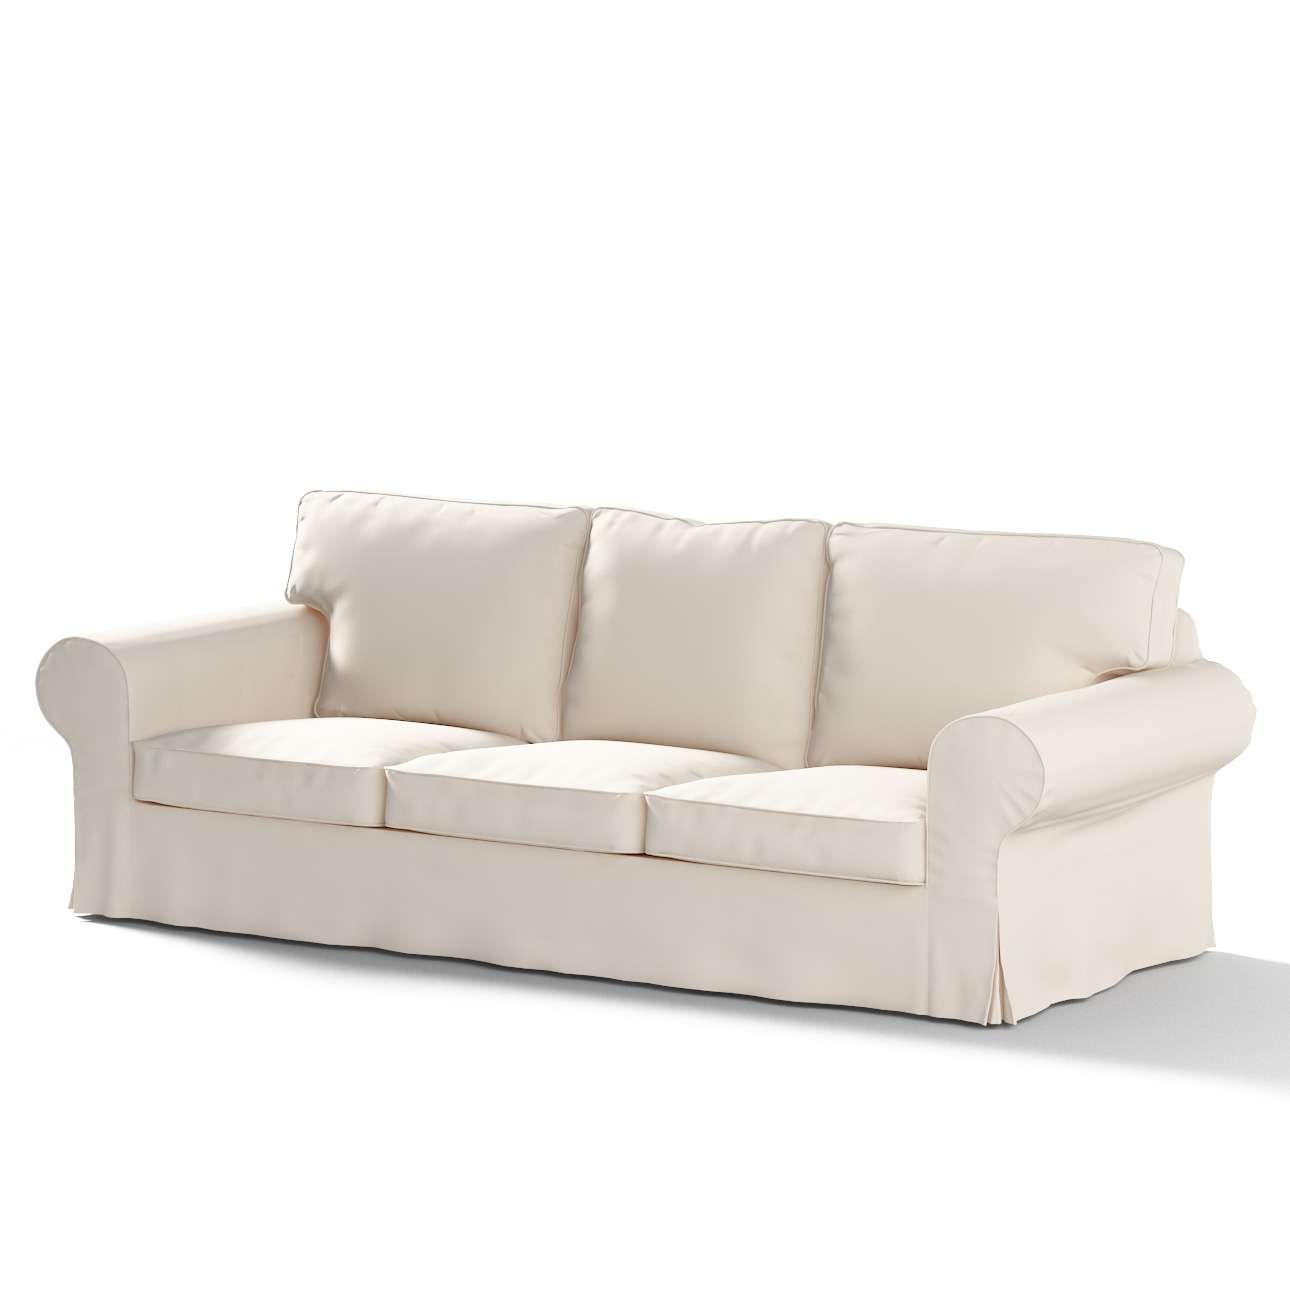 Ektorp trekk 3 seter sovesofa med boks for sengetøy fra kolleksjonen Etna - Ikke for gardiner, Stoffets bredde: 705-01